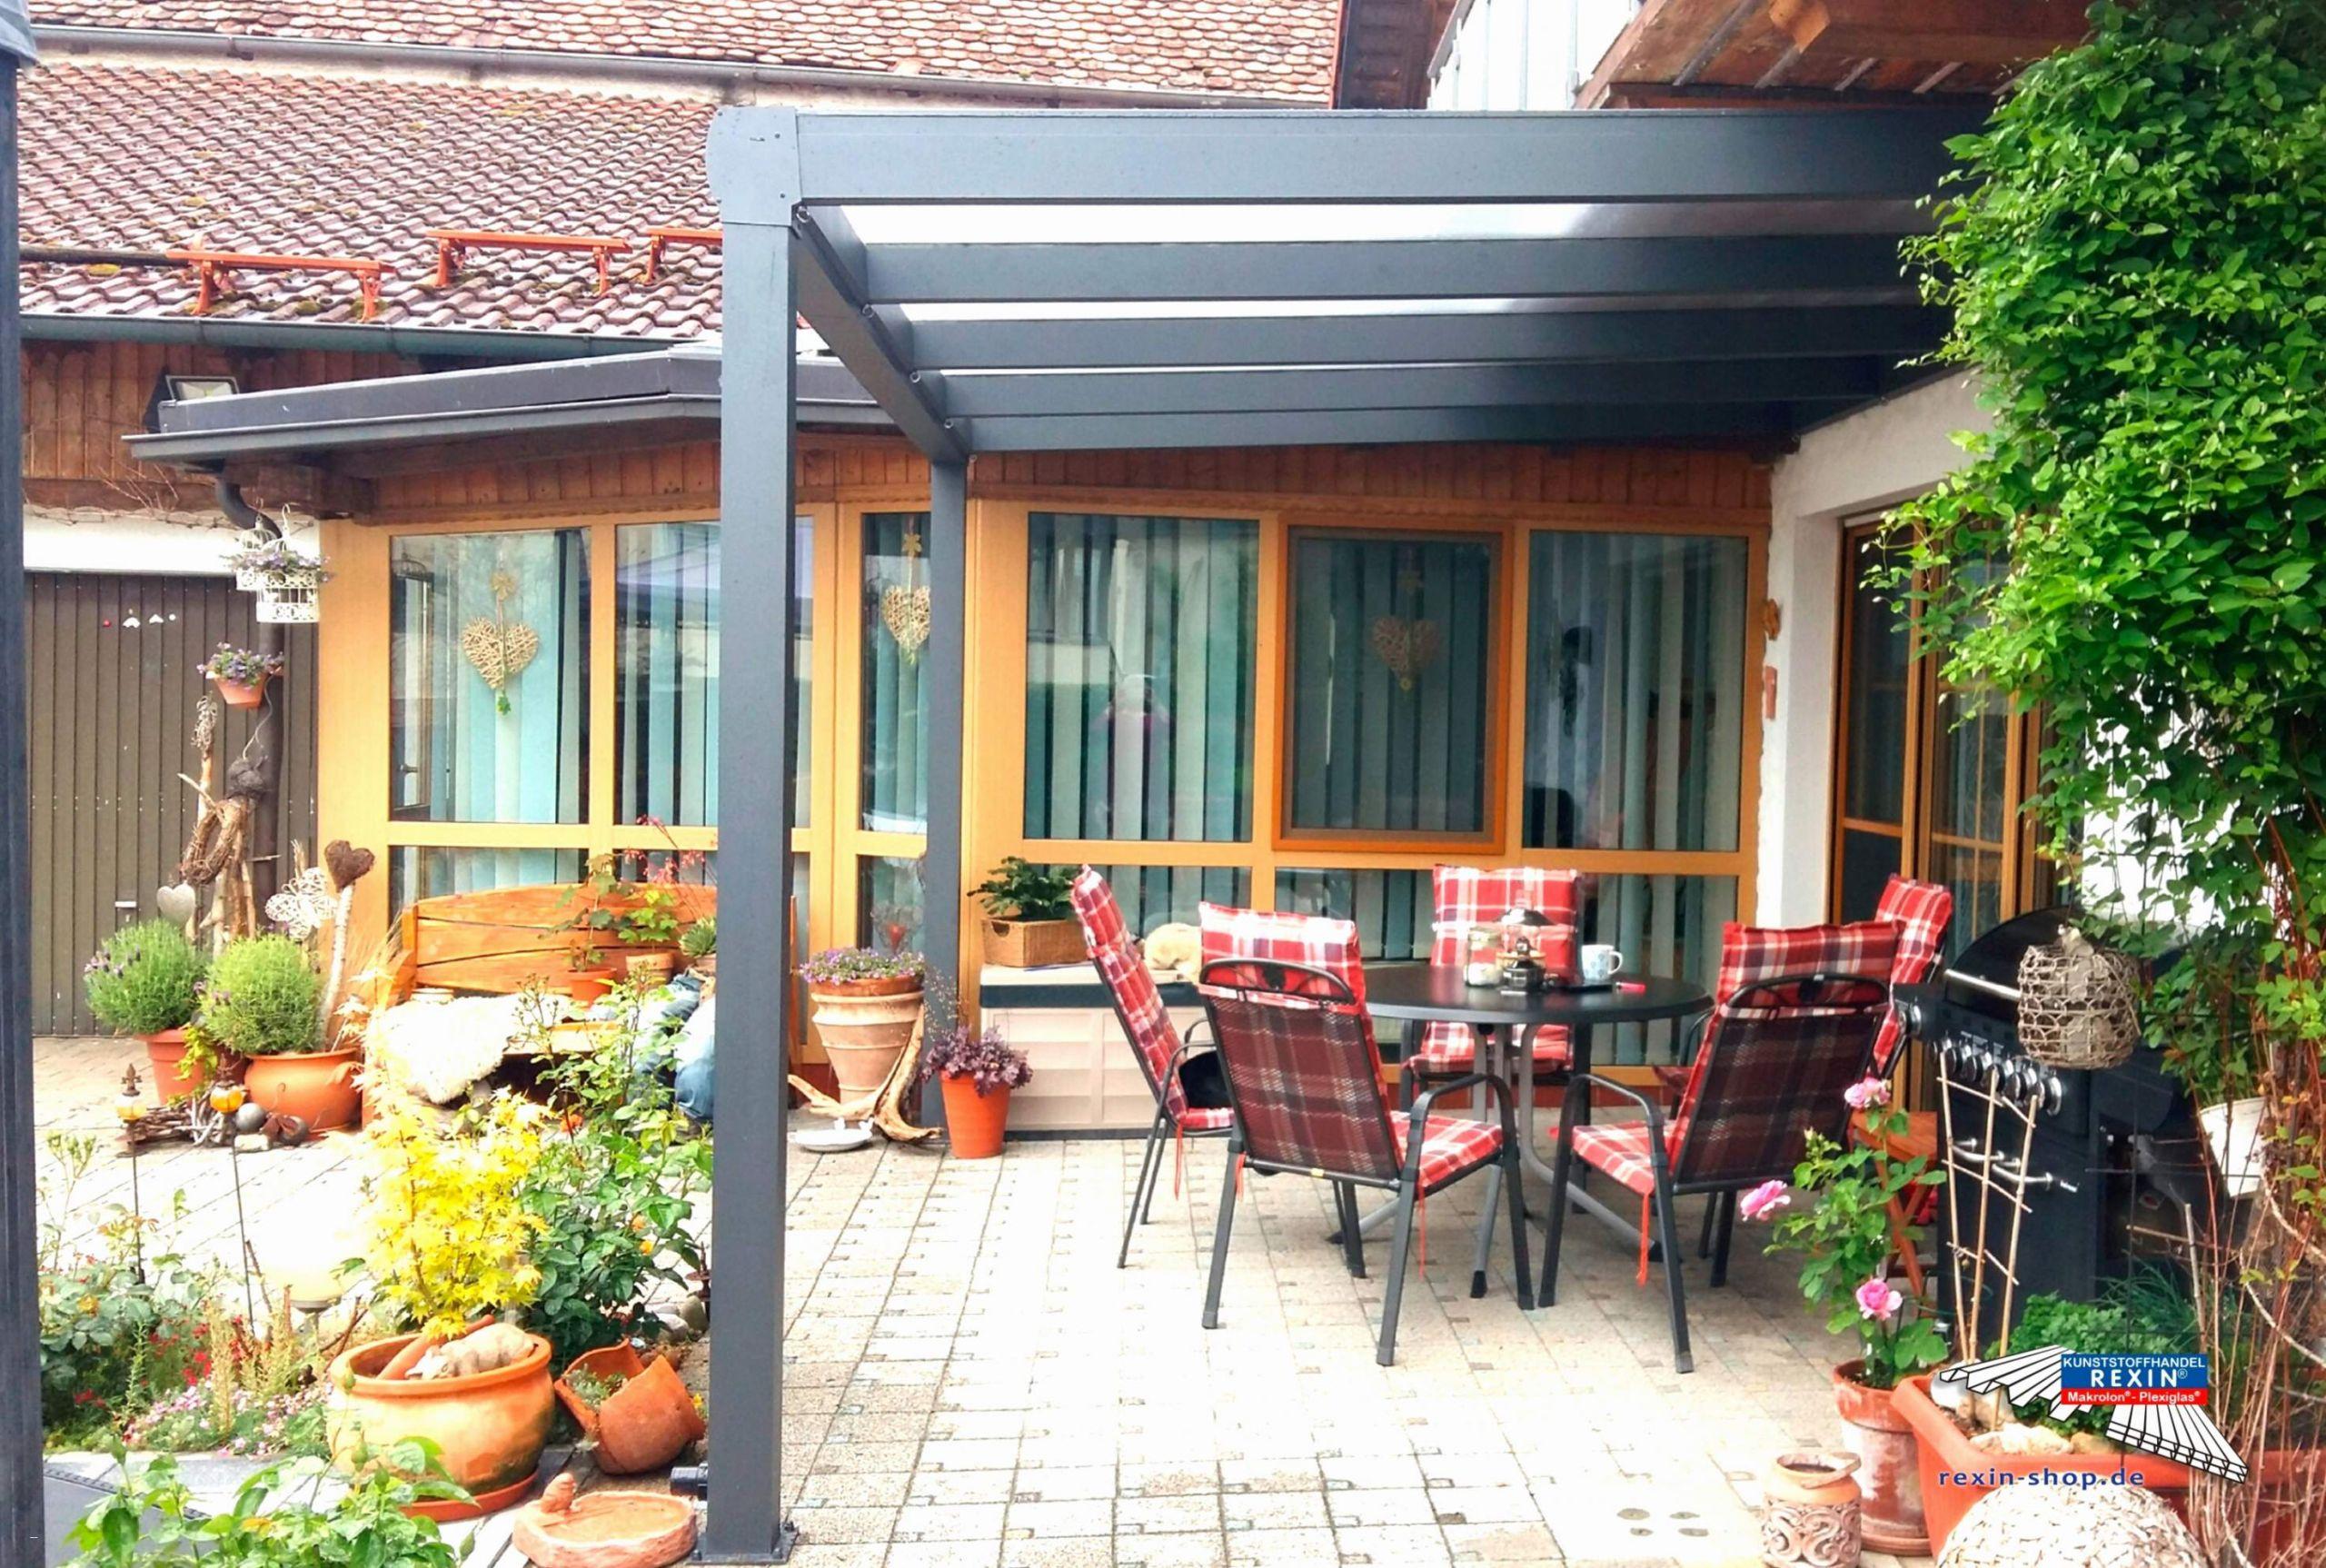 wintergarten auf balkon 40 inspiration vetosb202 kleiner wintergarten ideen kleiner wintergarten ideen 1